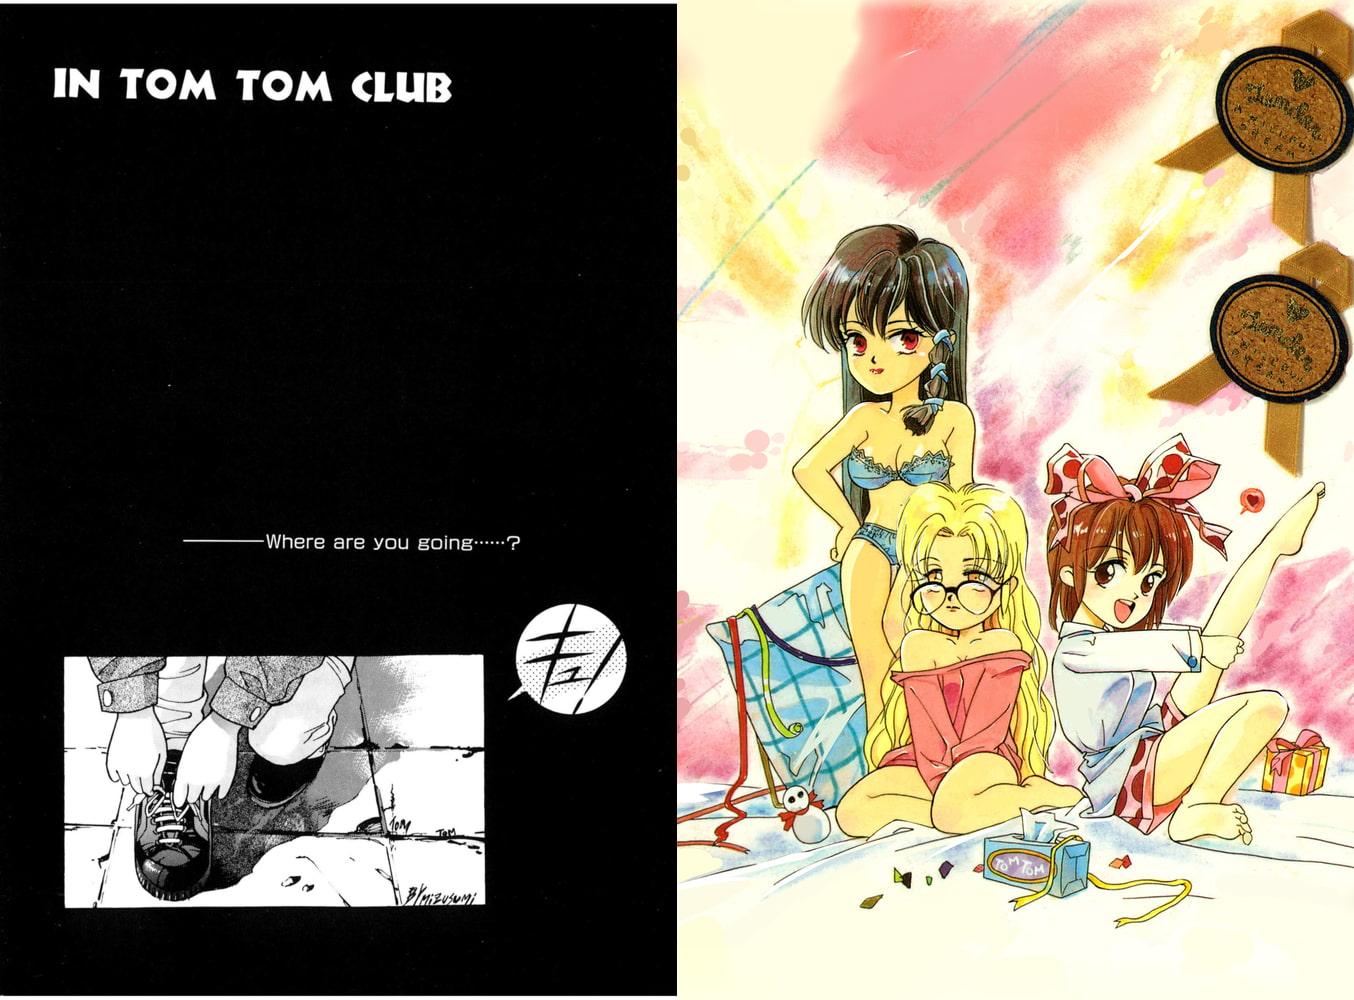 TOM TOM CLUB